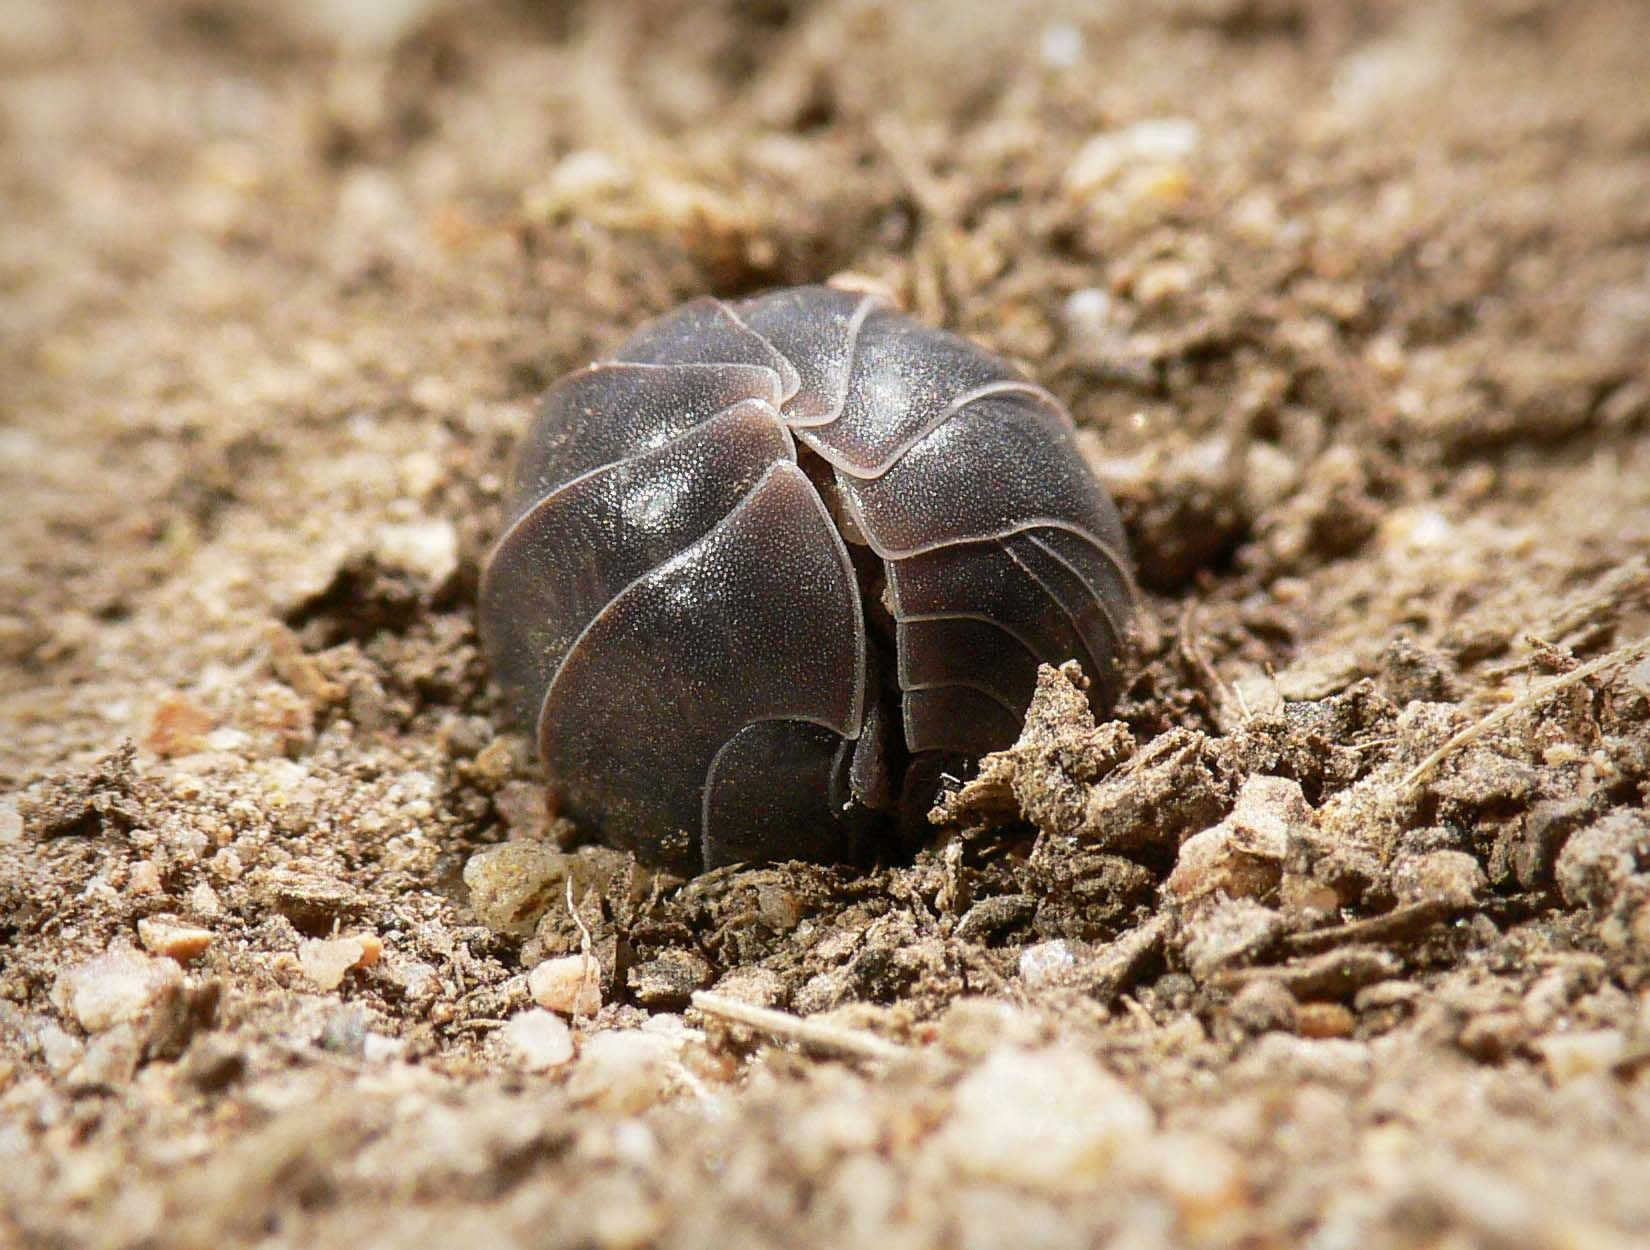 Colorado Potato Beetle On The White